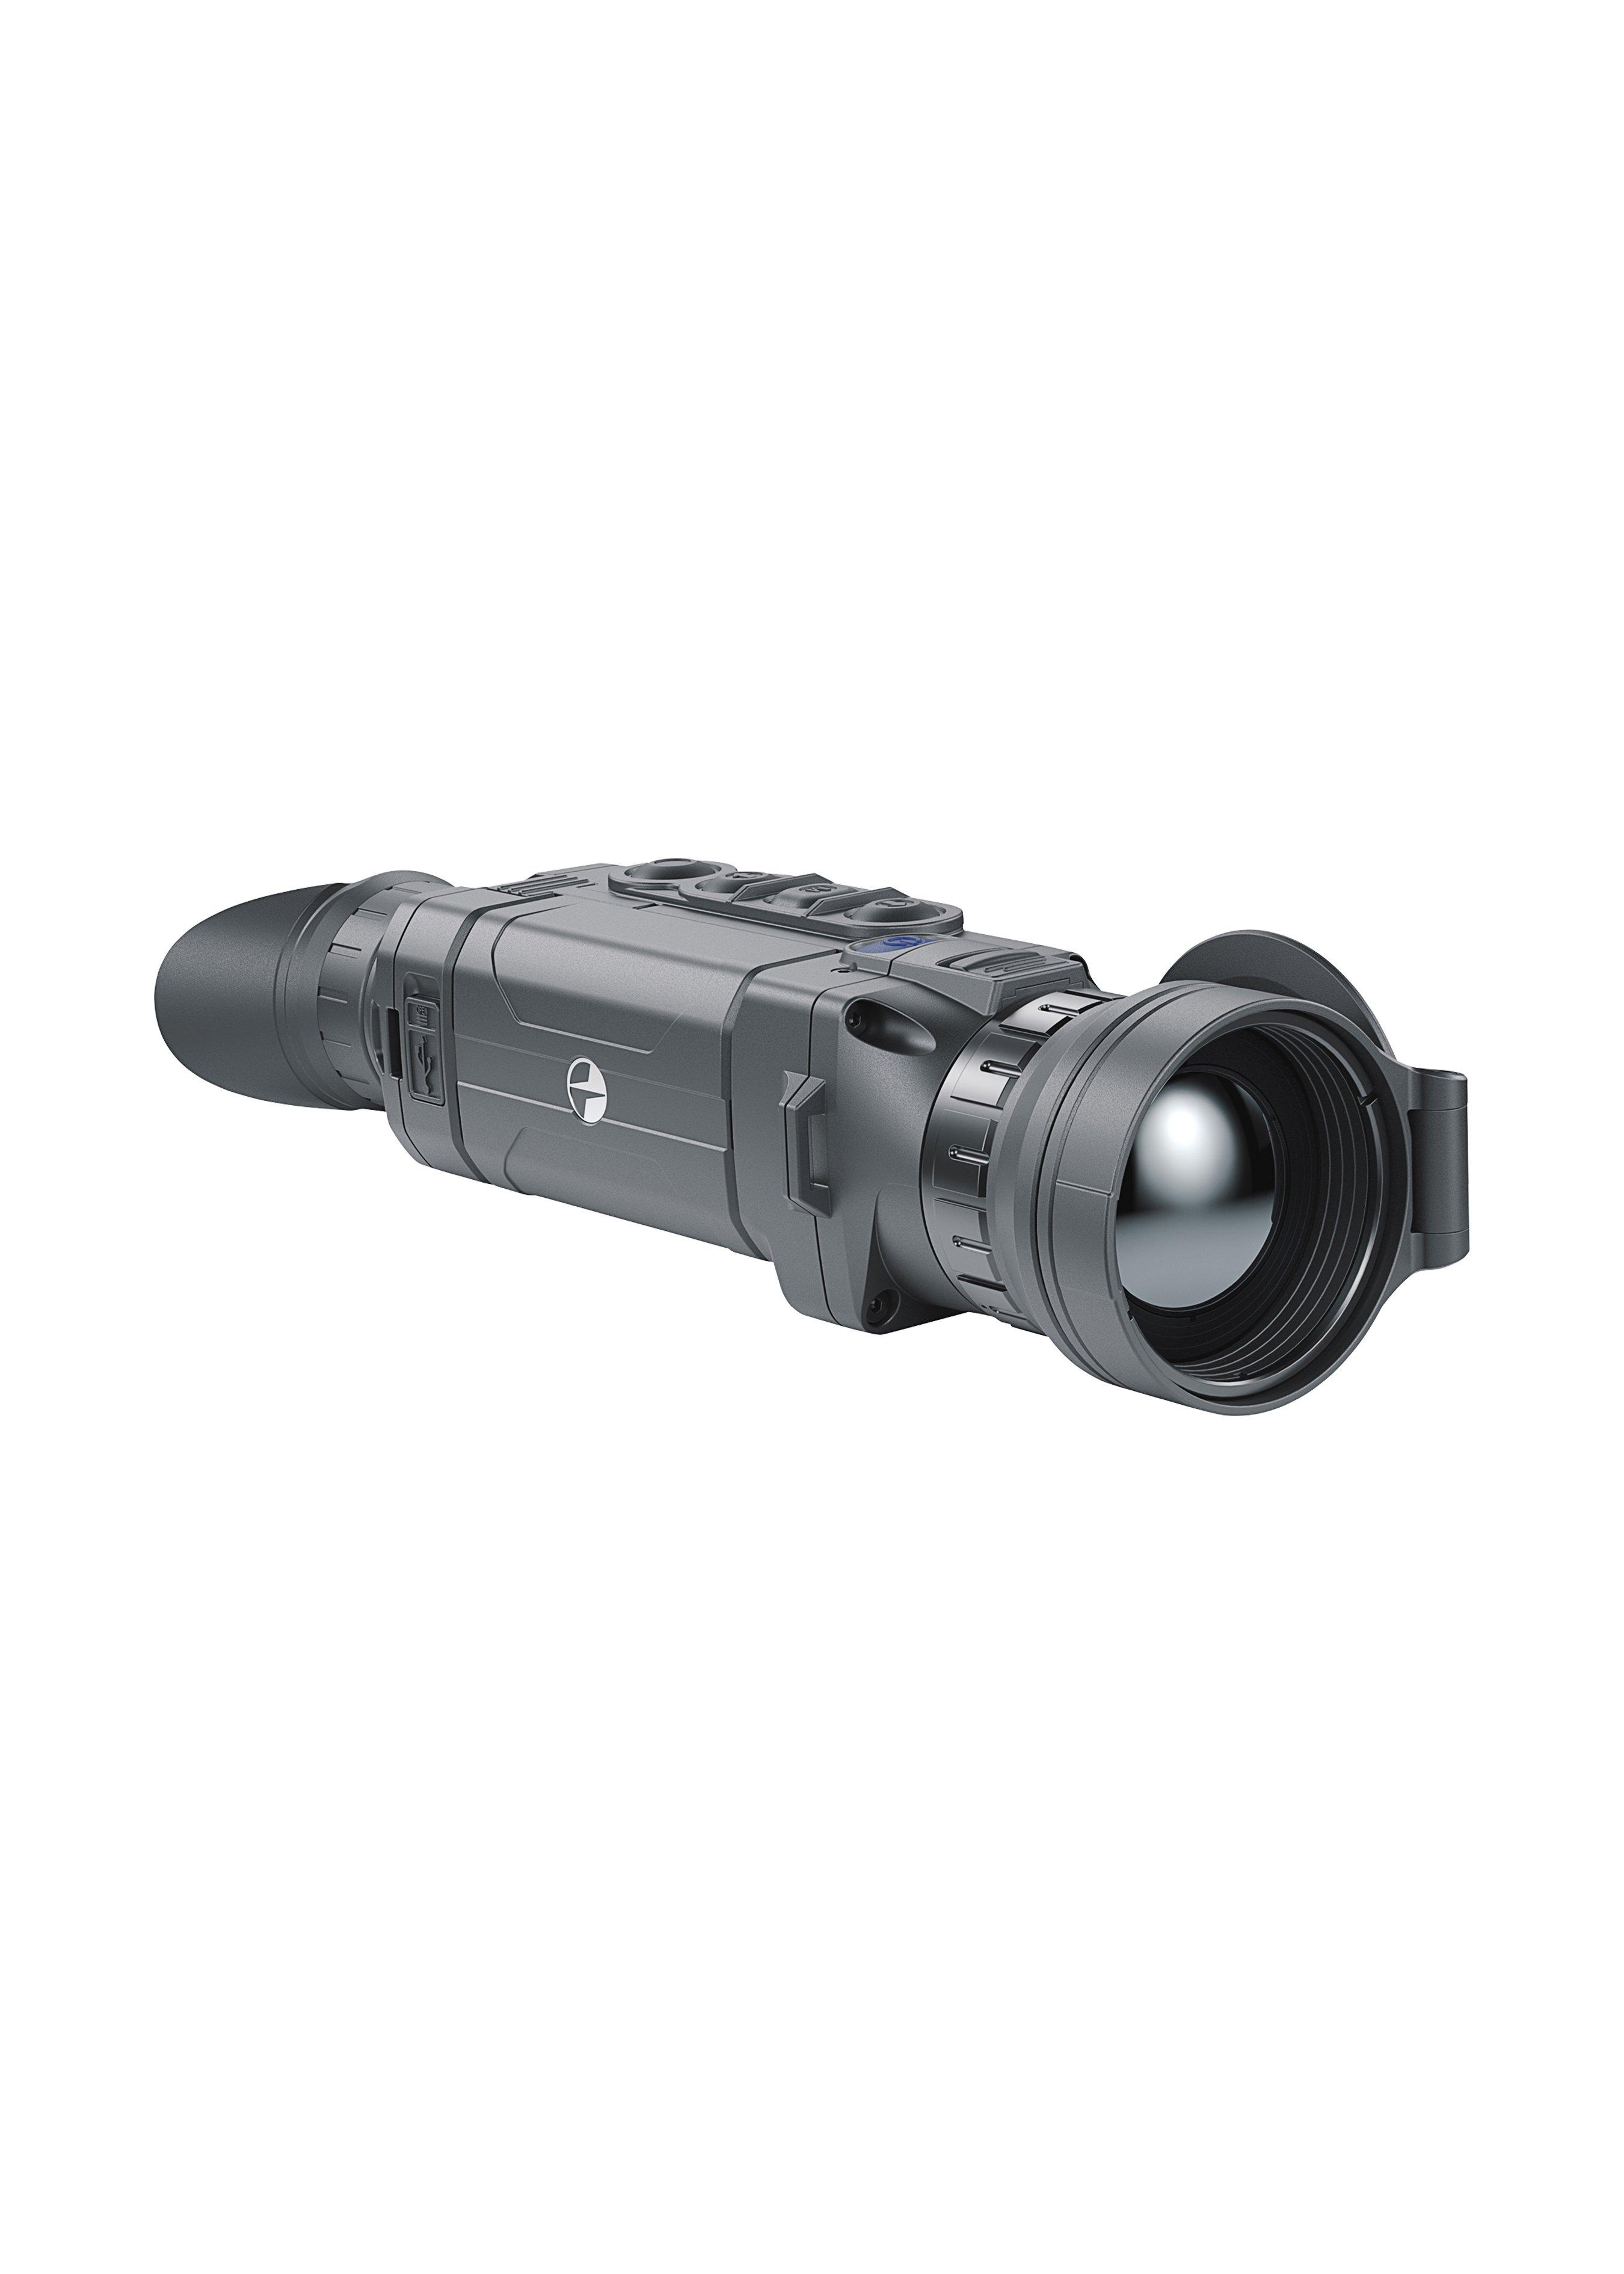 Caméra thermique Helion-2 XP50 199910 1